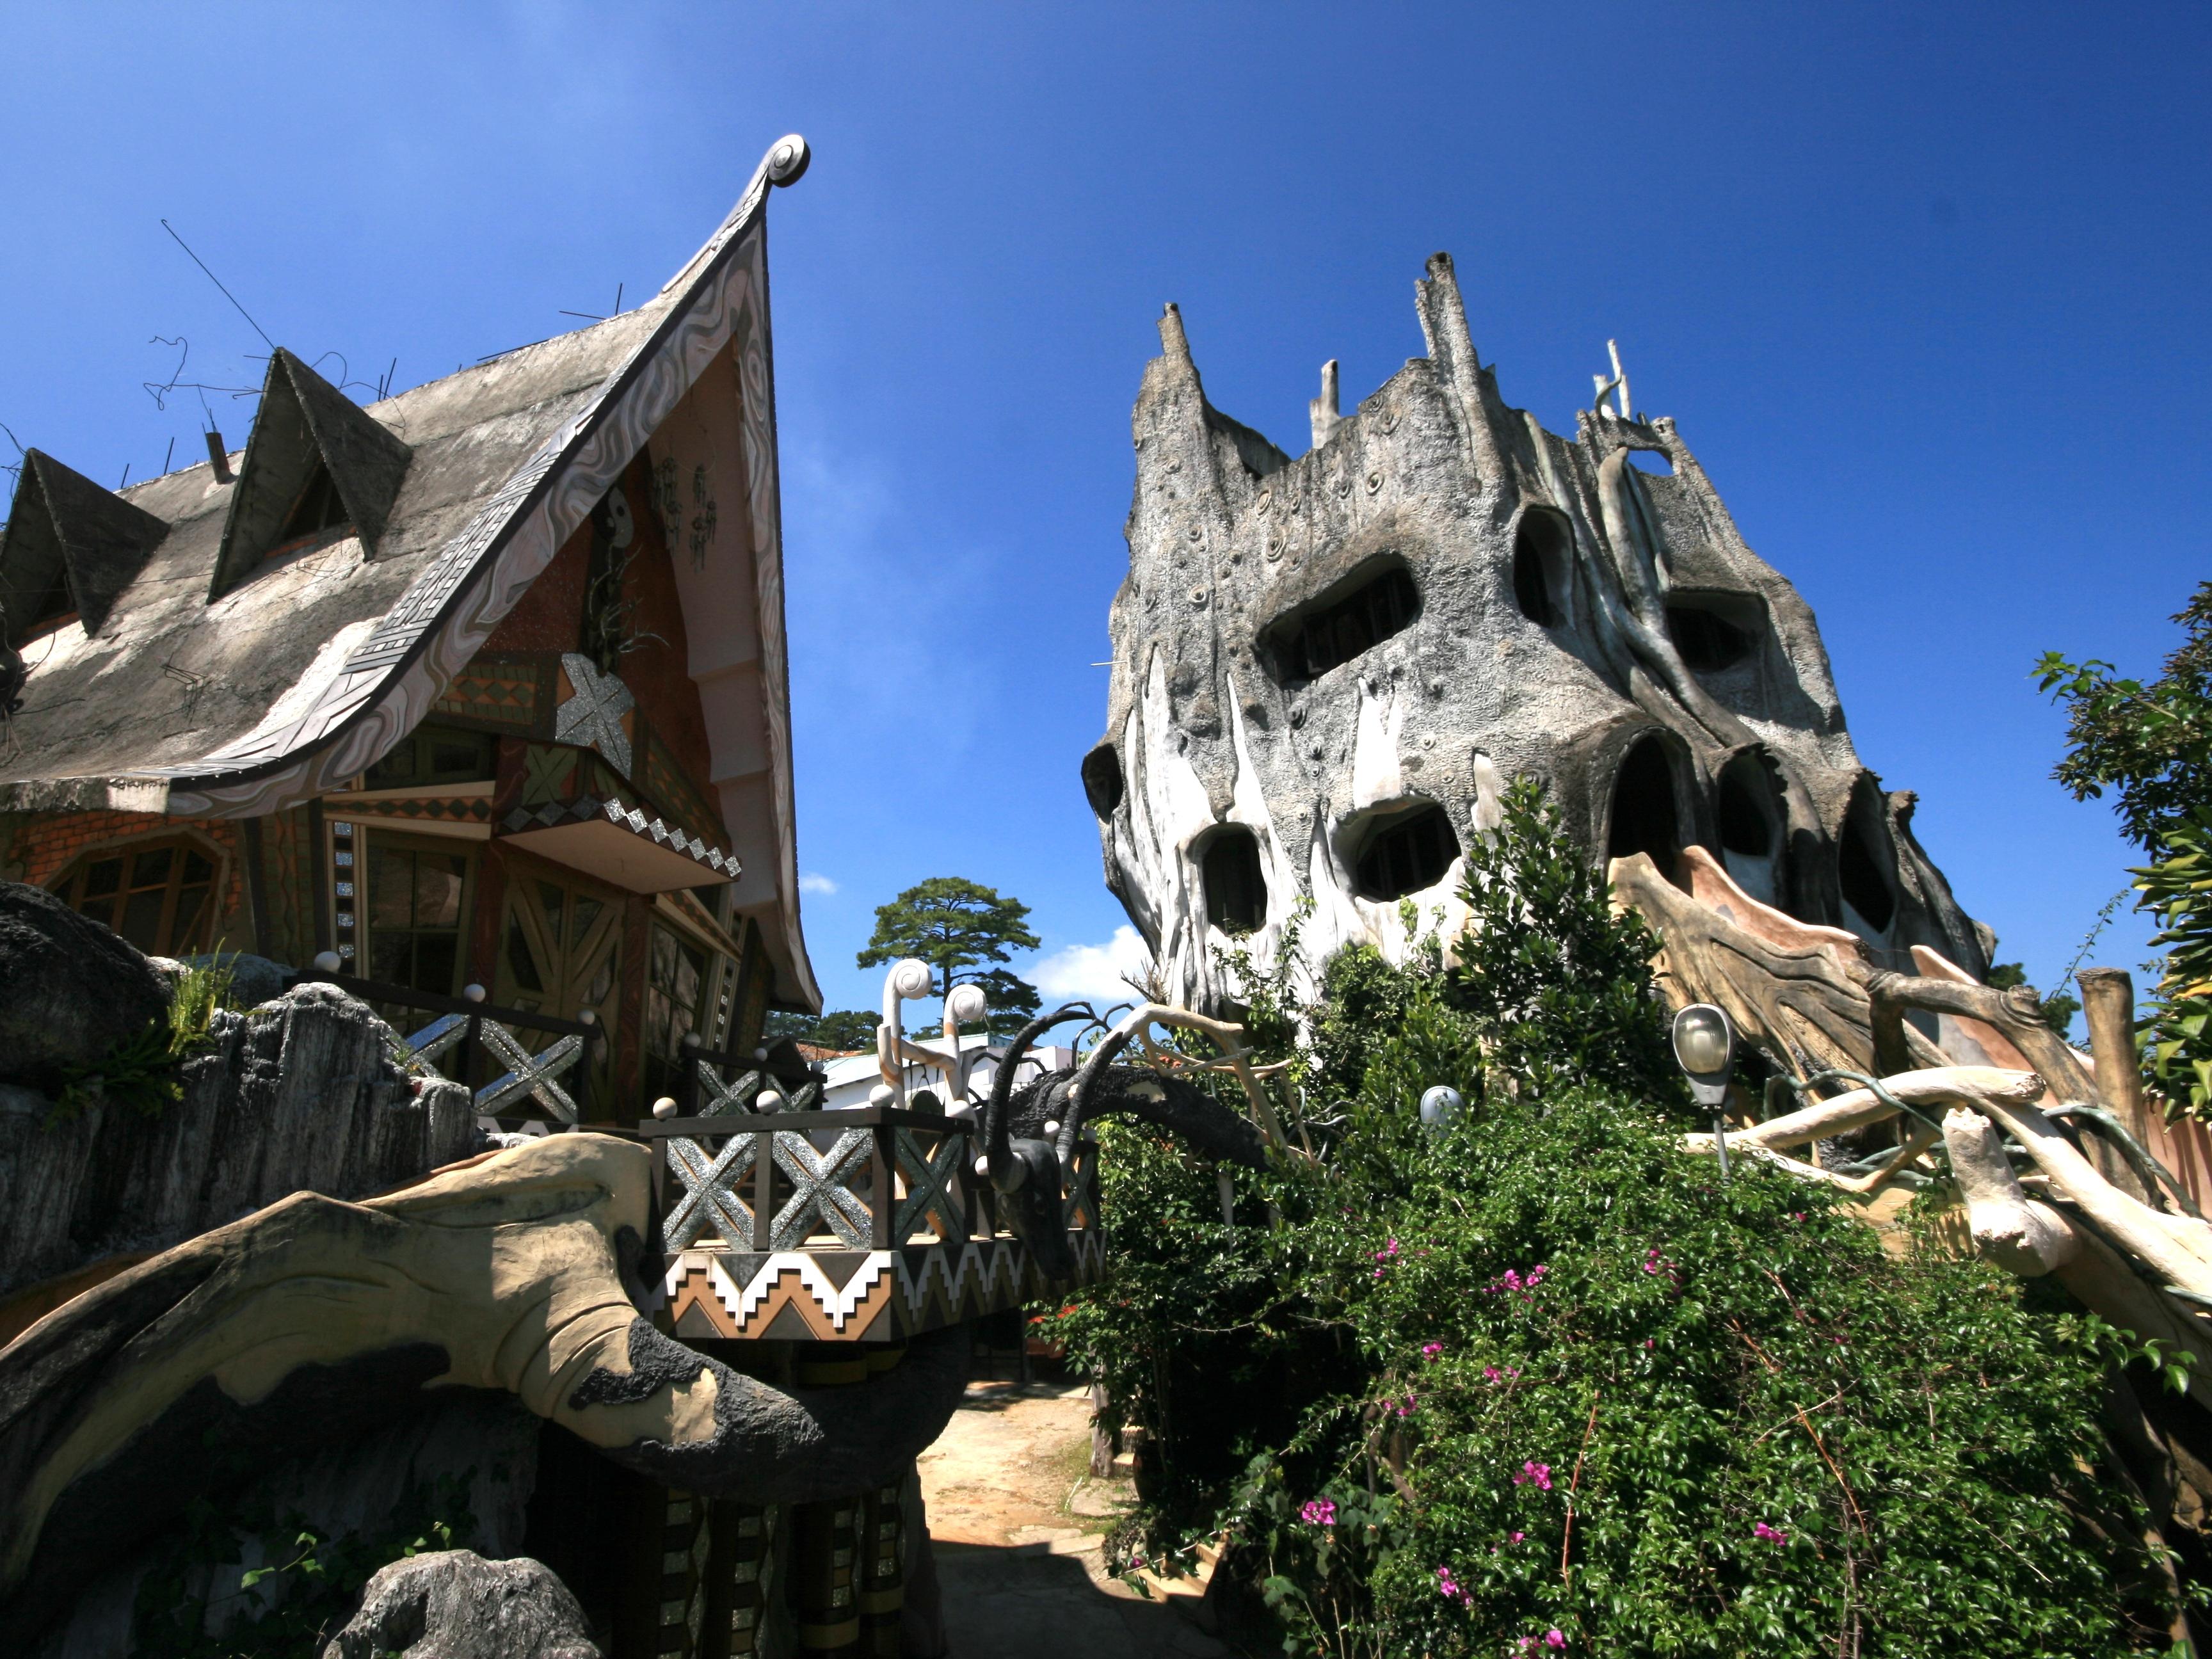 File:Hang Nga guesthouse 03.jpg - Wikimedia Commons